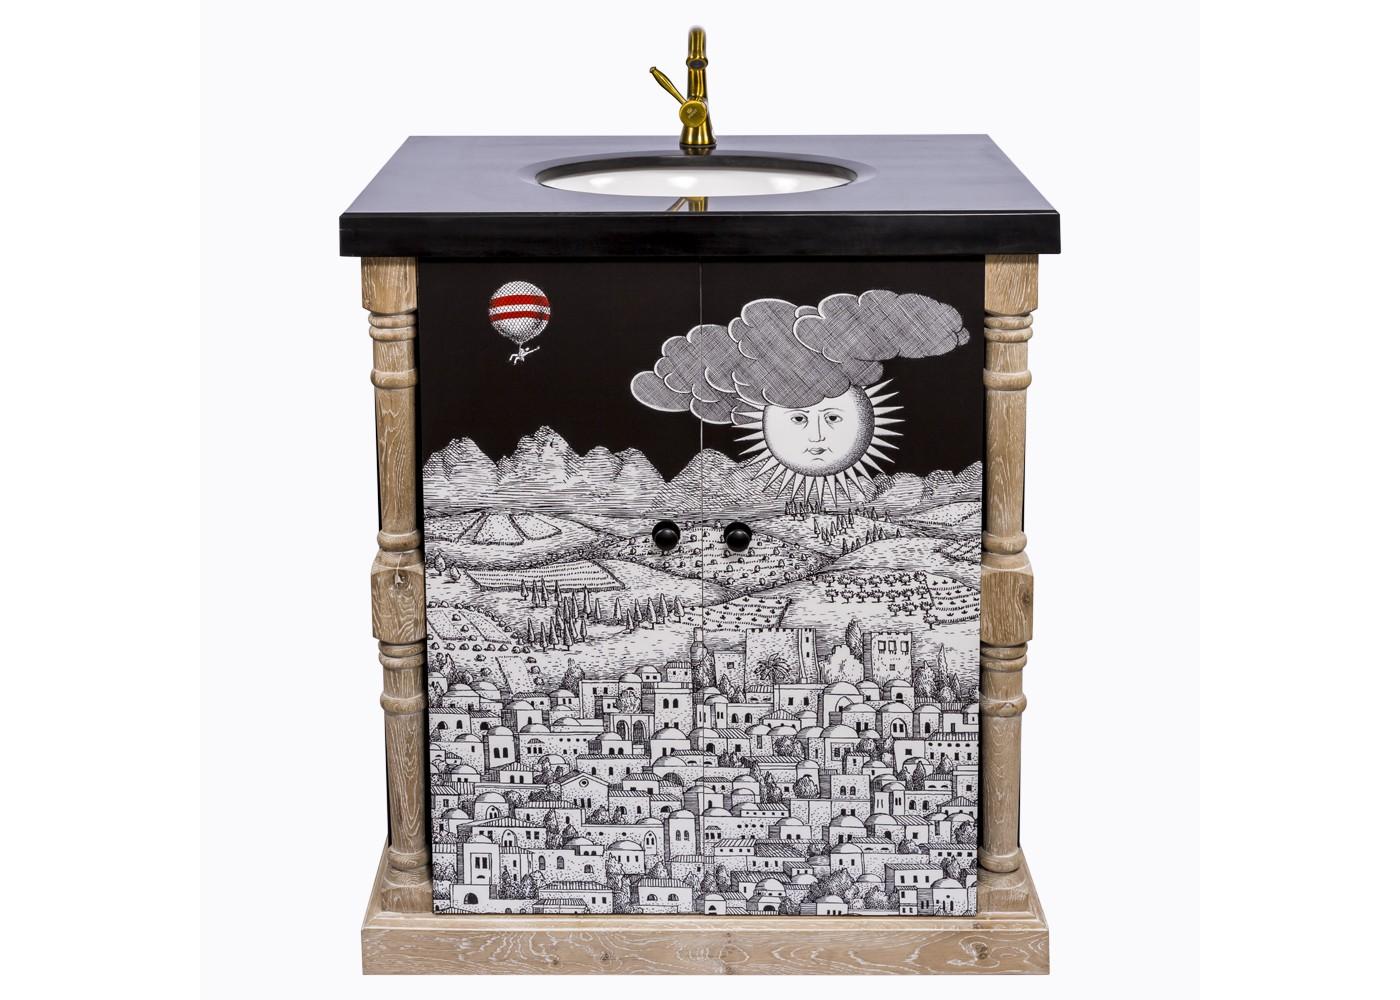 Тумба с раковиной Лина, версия Старый городТумбы для ванной<br>&amp;lt;div&amp;gt;&amp;lt;div&amp;gt;От того, как мы встретим утро, зависит успех и настроение дня, завершенного в уюте удобных и комфортных, семейно-заботливых вещей. Поэтому дизайн для ванной комнаты важен не меньше её технических удобств. Тумба с раковиной &amp;quot;Старый город&amp;quot; обладает для этого достаточным простором, практичностью и долговечностью. Не говоря уже о декоративном креативе, совместившем целую энциклопедию художественных жанров, от французского дворцового классицизма до современного импрессионизма.Помимо дизайнерских достоинств, мебель для ванной комнаты важна прочностью, влагостойкостью и гигиеничностью. Этим важным практическим параметрам полностью отвечает тумба &amp;quot;Старый город&amp;quot;, выполненная из натурального дуба, керамики и мрамора. Природная фактура натурального дерева акцентирована уютной светлой патиной. Ручная работа одухотворяет предметы мебели, вносит эмоции тепла и персональной заботы. Удобством столешницы является прорезь для одного крана (кран в комплект не входит). Не упустите случая обладания уникальной дизайнерской мебелью. Версия &amp;quot;Старый город&amp;quot; выпущена лимитированными экземплярами.&amp;amp;nbsp;&amp;lt;/div&amp;gt;&amp;lt;div&amp;gt;&amp;lt;br&amp;gt;&amp;lt;/div&amp;gt;&amp;lt;div&amp;gt;Материал: массив дуба, мдф, мрамор, керамика.&amp;lt;/div&amp;gt;&amp;lt;/div&amp;gt;&amp;lt;div&amp;gt;&amp;lt;br&amp;gt;&amp;lt;/div&amp;gt;<br><br>&amp;lt;iframe width=&amp;quot;530&amp;quot; height=&amp;quot;360&amp;quot; src=&amp;quot;https://www.youtube.com/embed/pYyhIontOYI&amp;quot; frameborder=&amp;quot;0&amp;quot; allowfullscreen=&amp;quot;&amp;quot;&amp;gt;&amp;lt;/iframe&amp;gt;<br><br>Material: Дуб<br>Ширина см: 90.0<br>Высота см: 80.0<br>Глубина см: 60.0